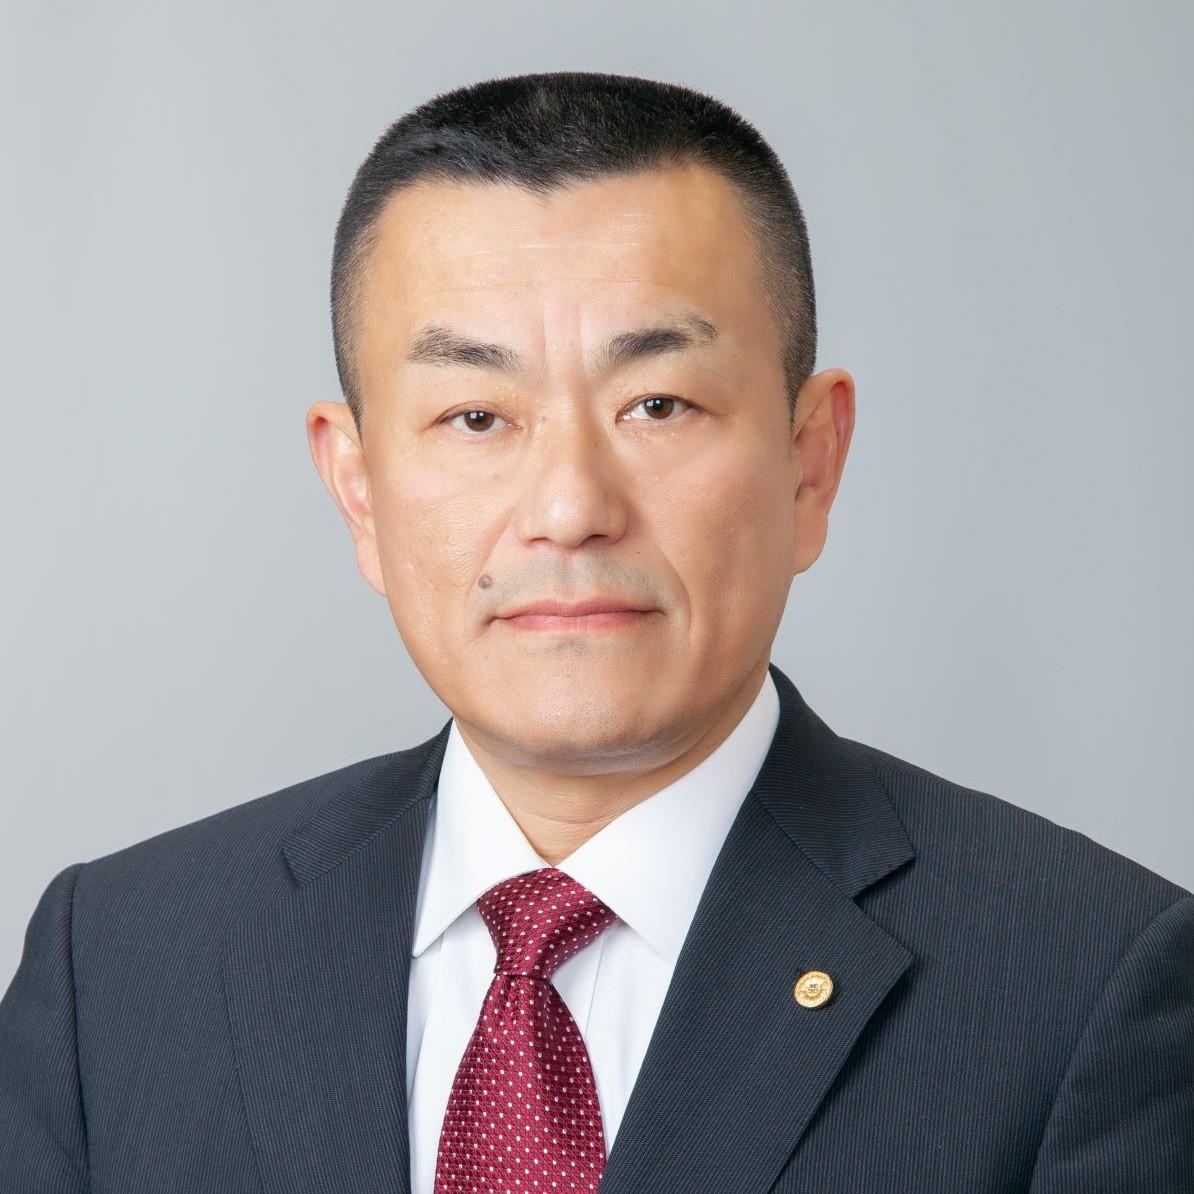 行政書士櫻井賢事務所